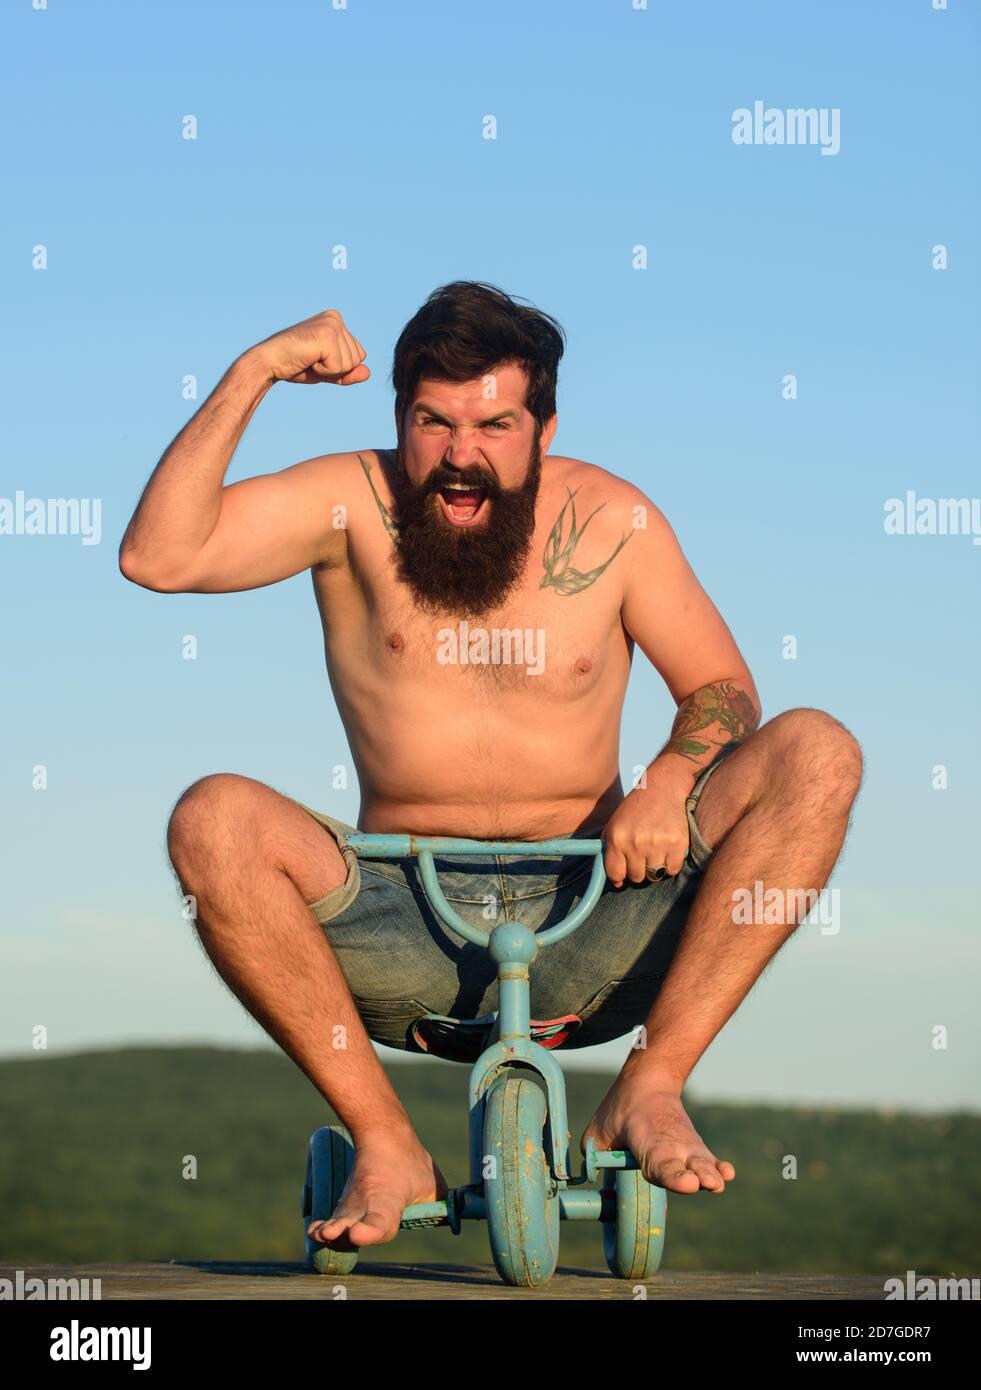 Guy tricycle d'équitation pour enfants. Drôle d'homme sur un vélo pour enfants. Vélo nerdy. Banque D'Images